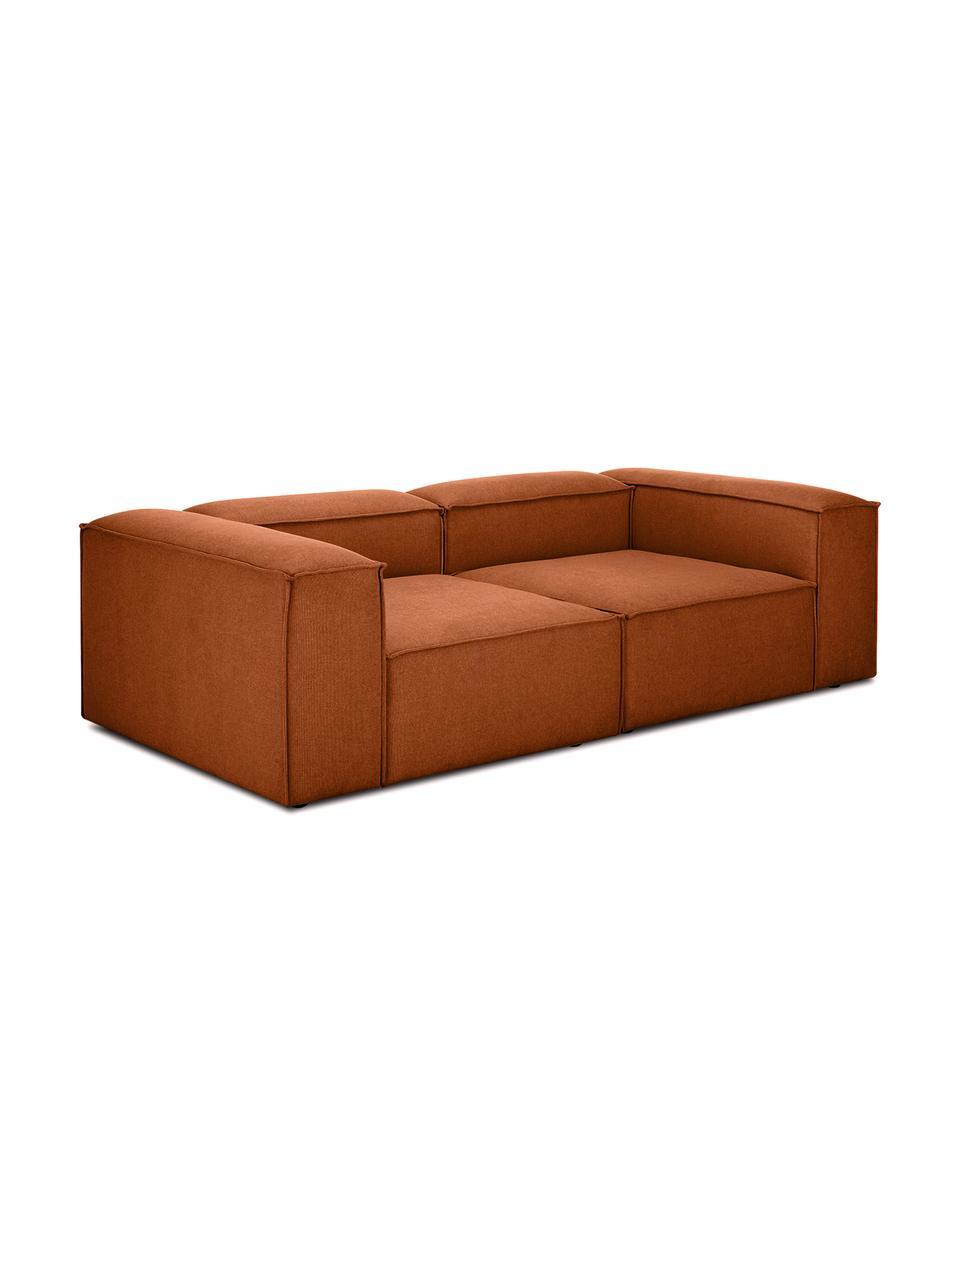 Canapé modulable 3places terracotta Lennon, Tissu terre cuite